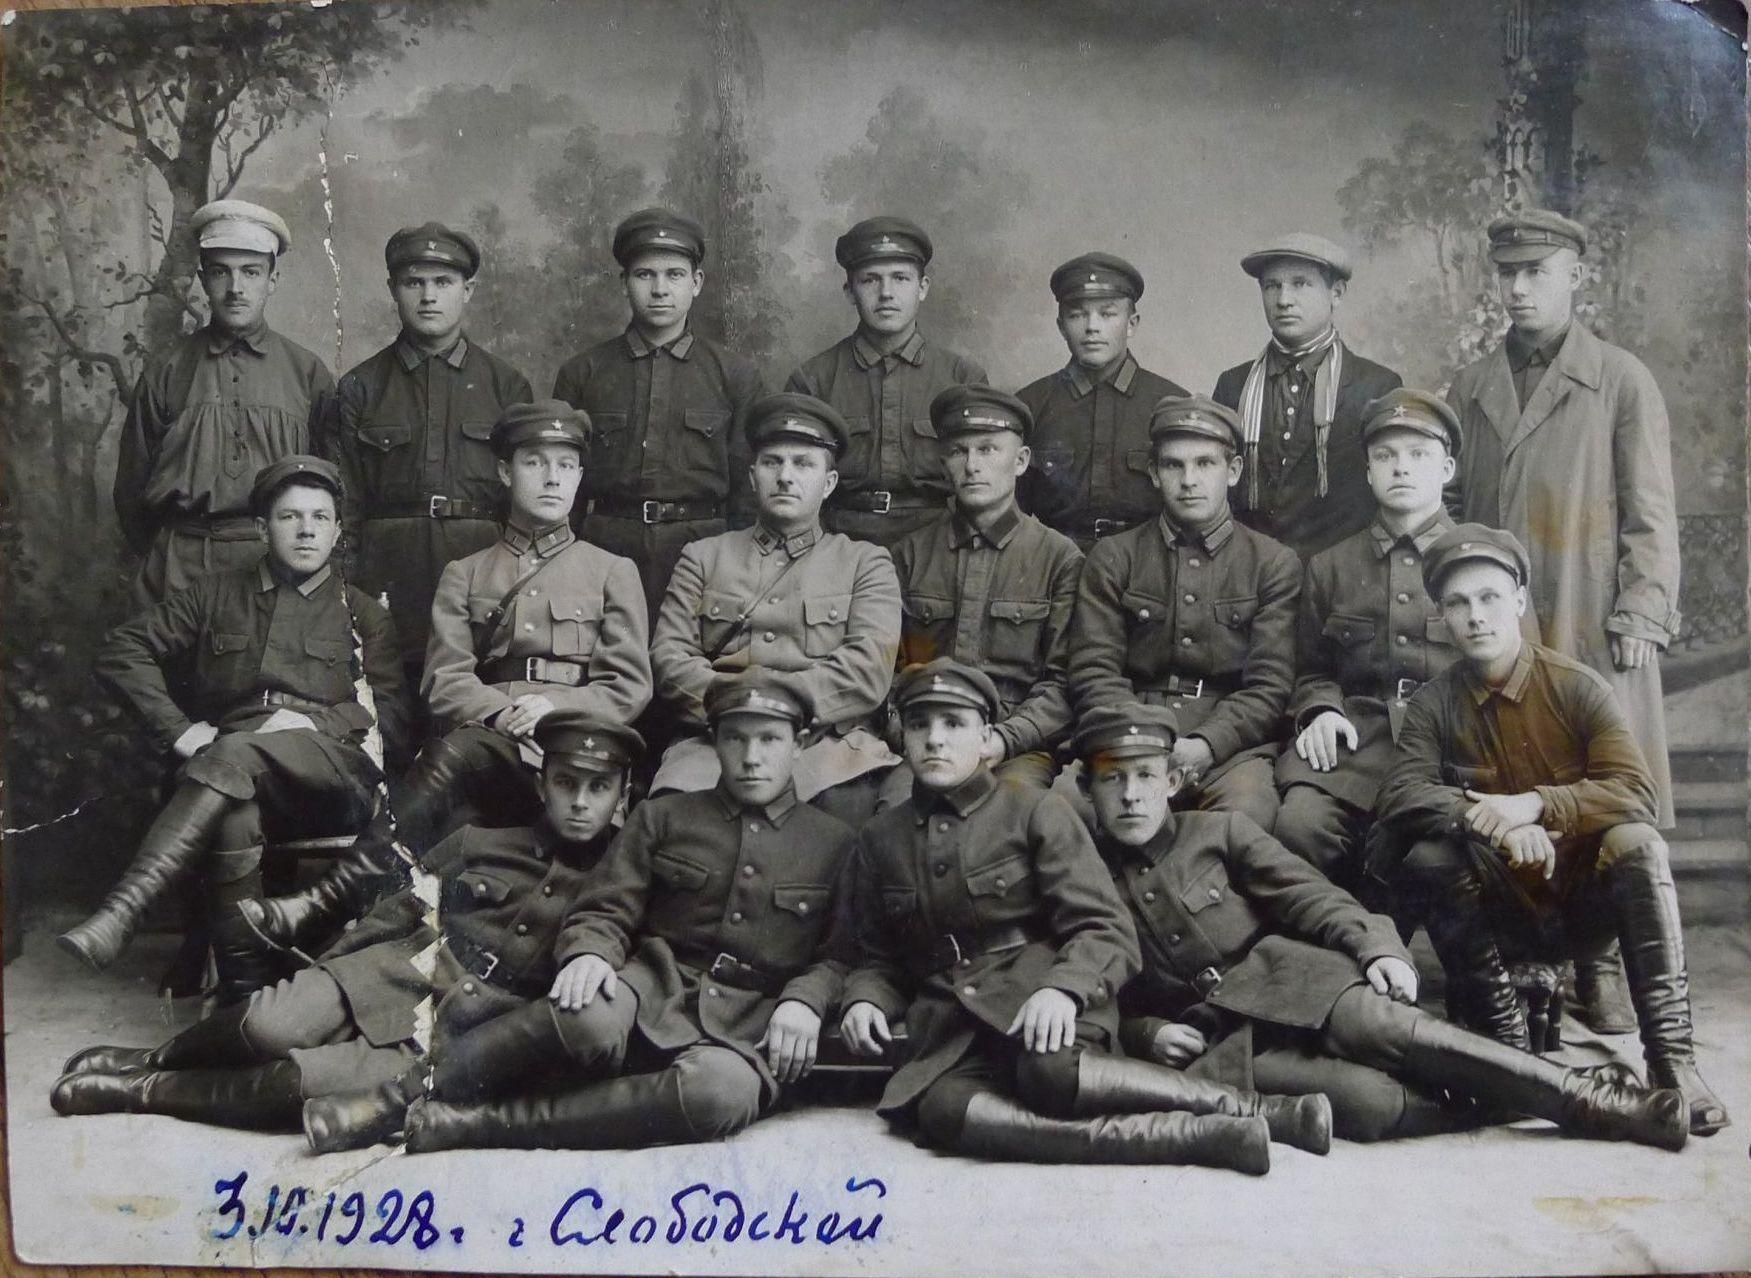 1928. ОГПУ. Слободской